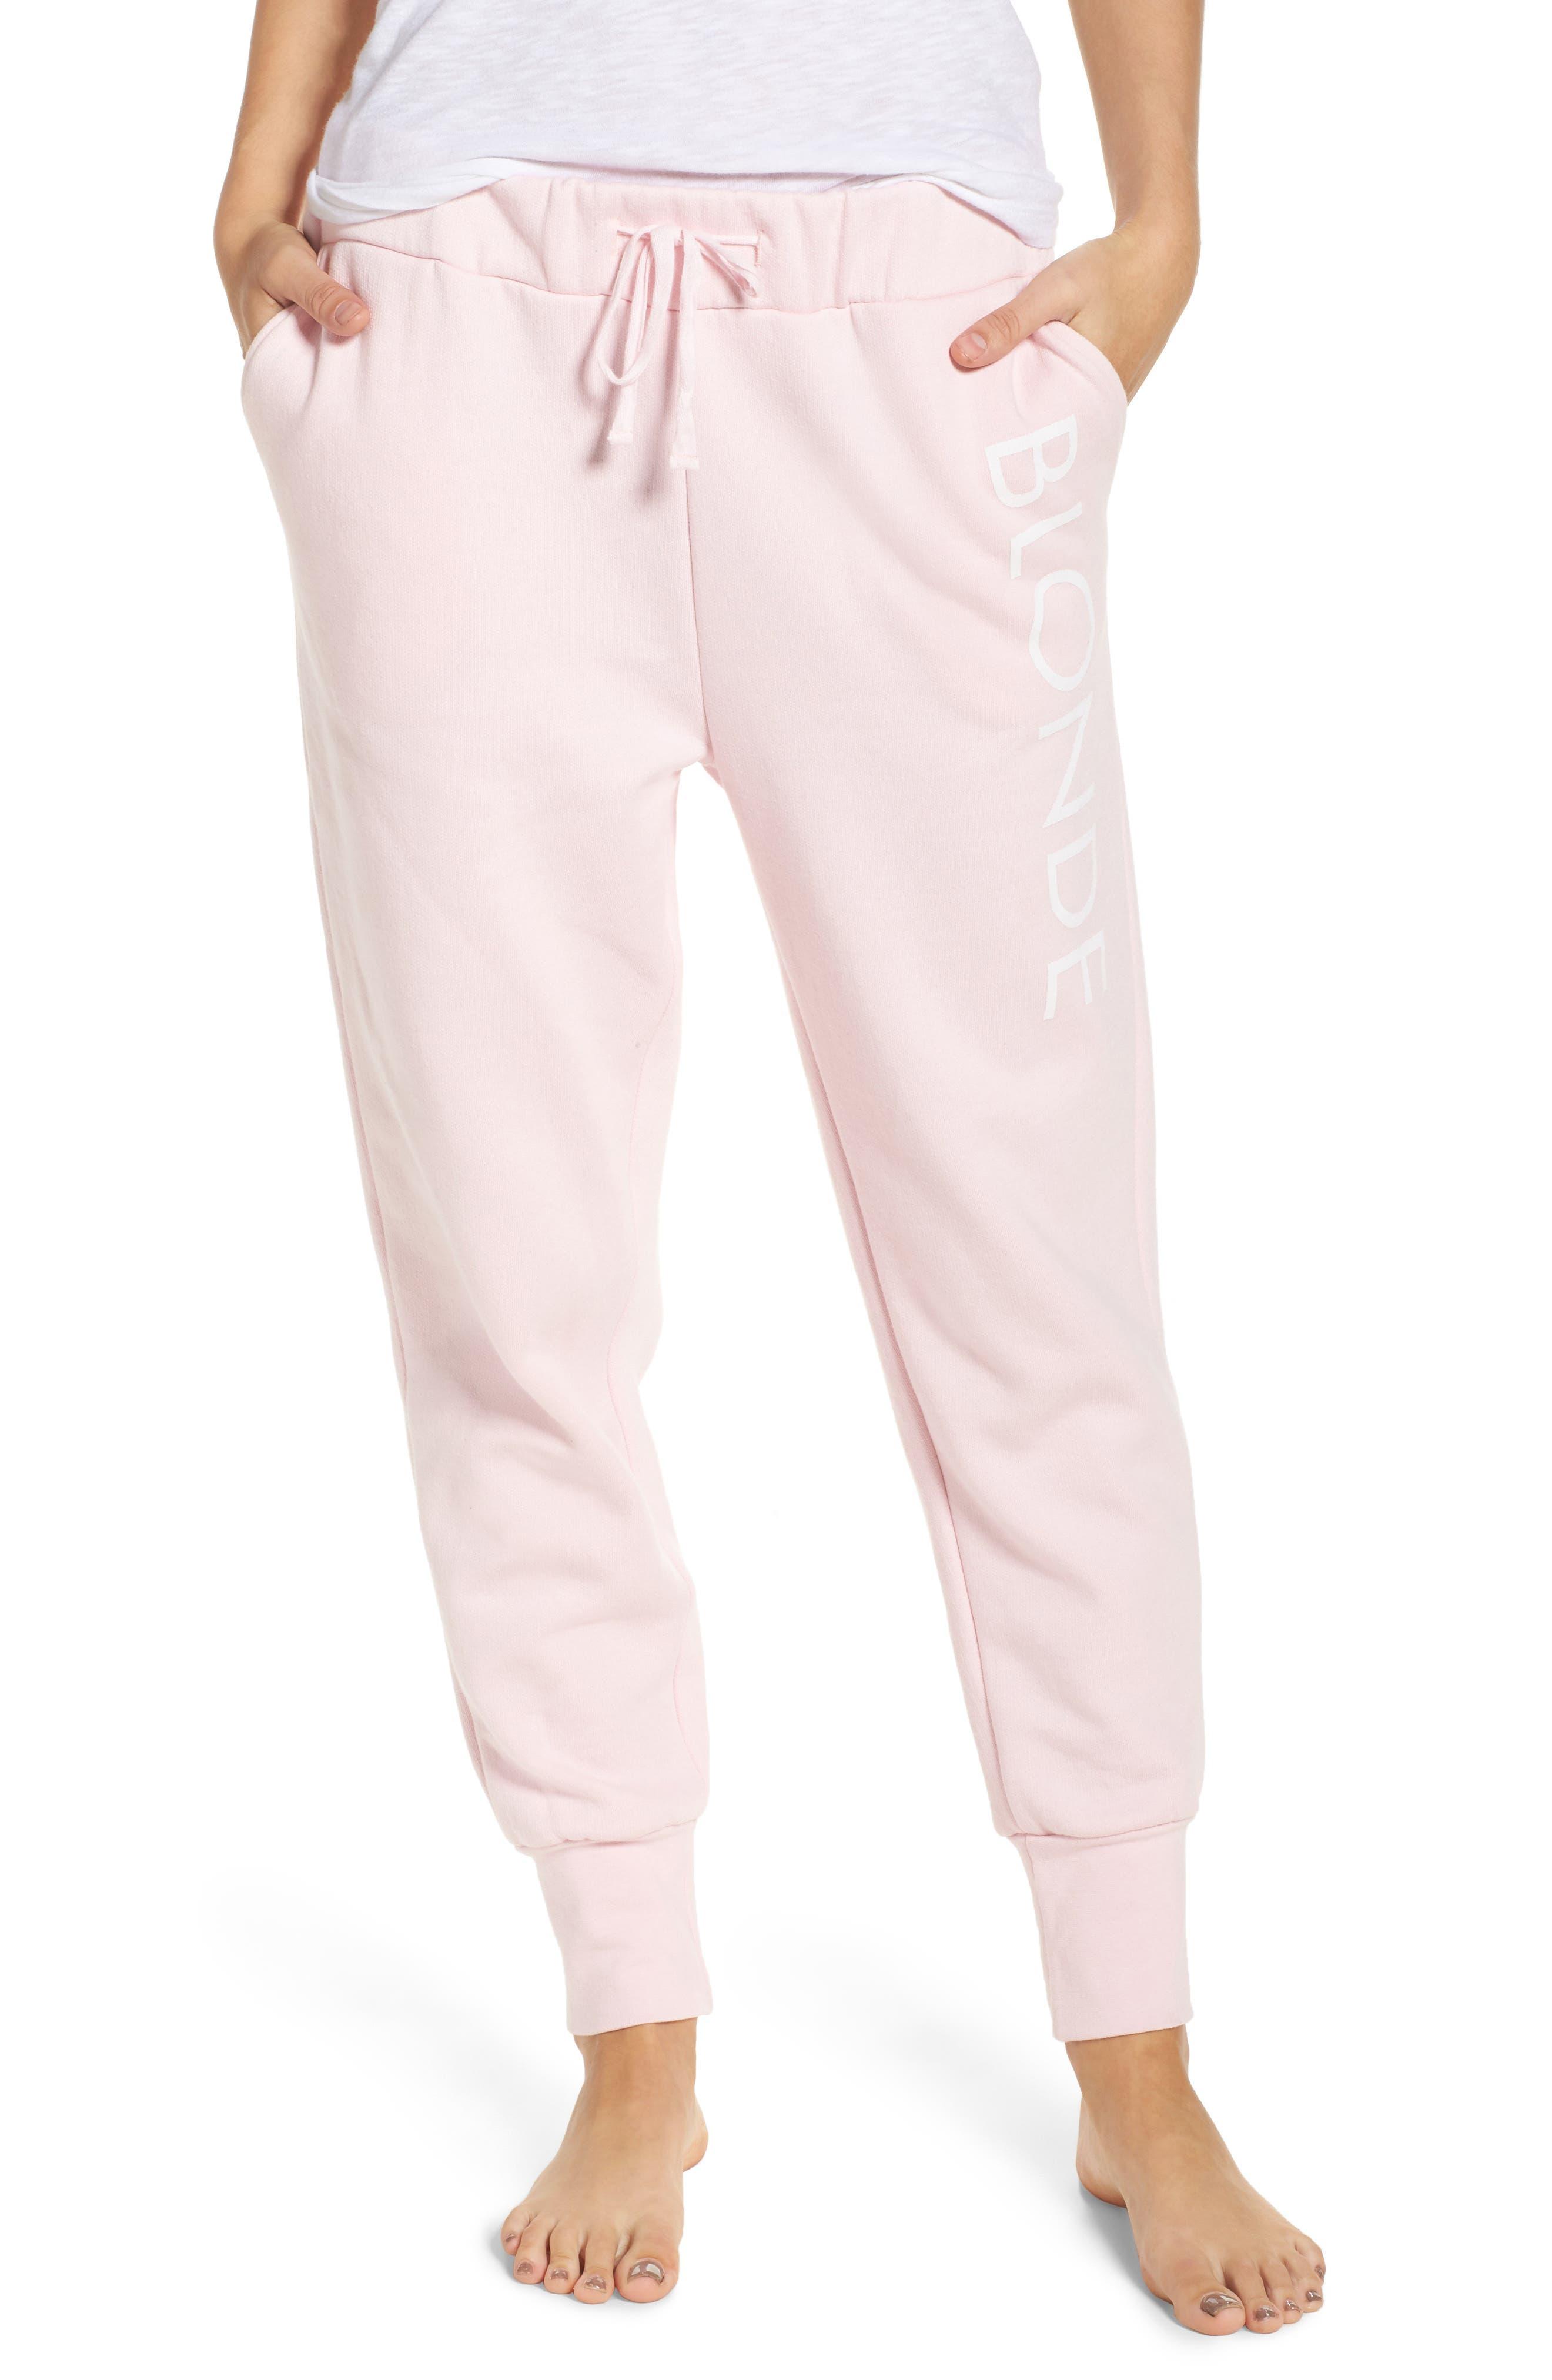 Blonde Jogger Pants,                             Main thumbnail 1, color,                             Pink